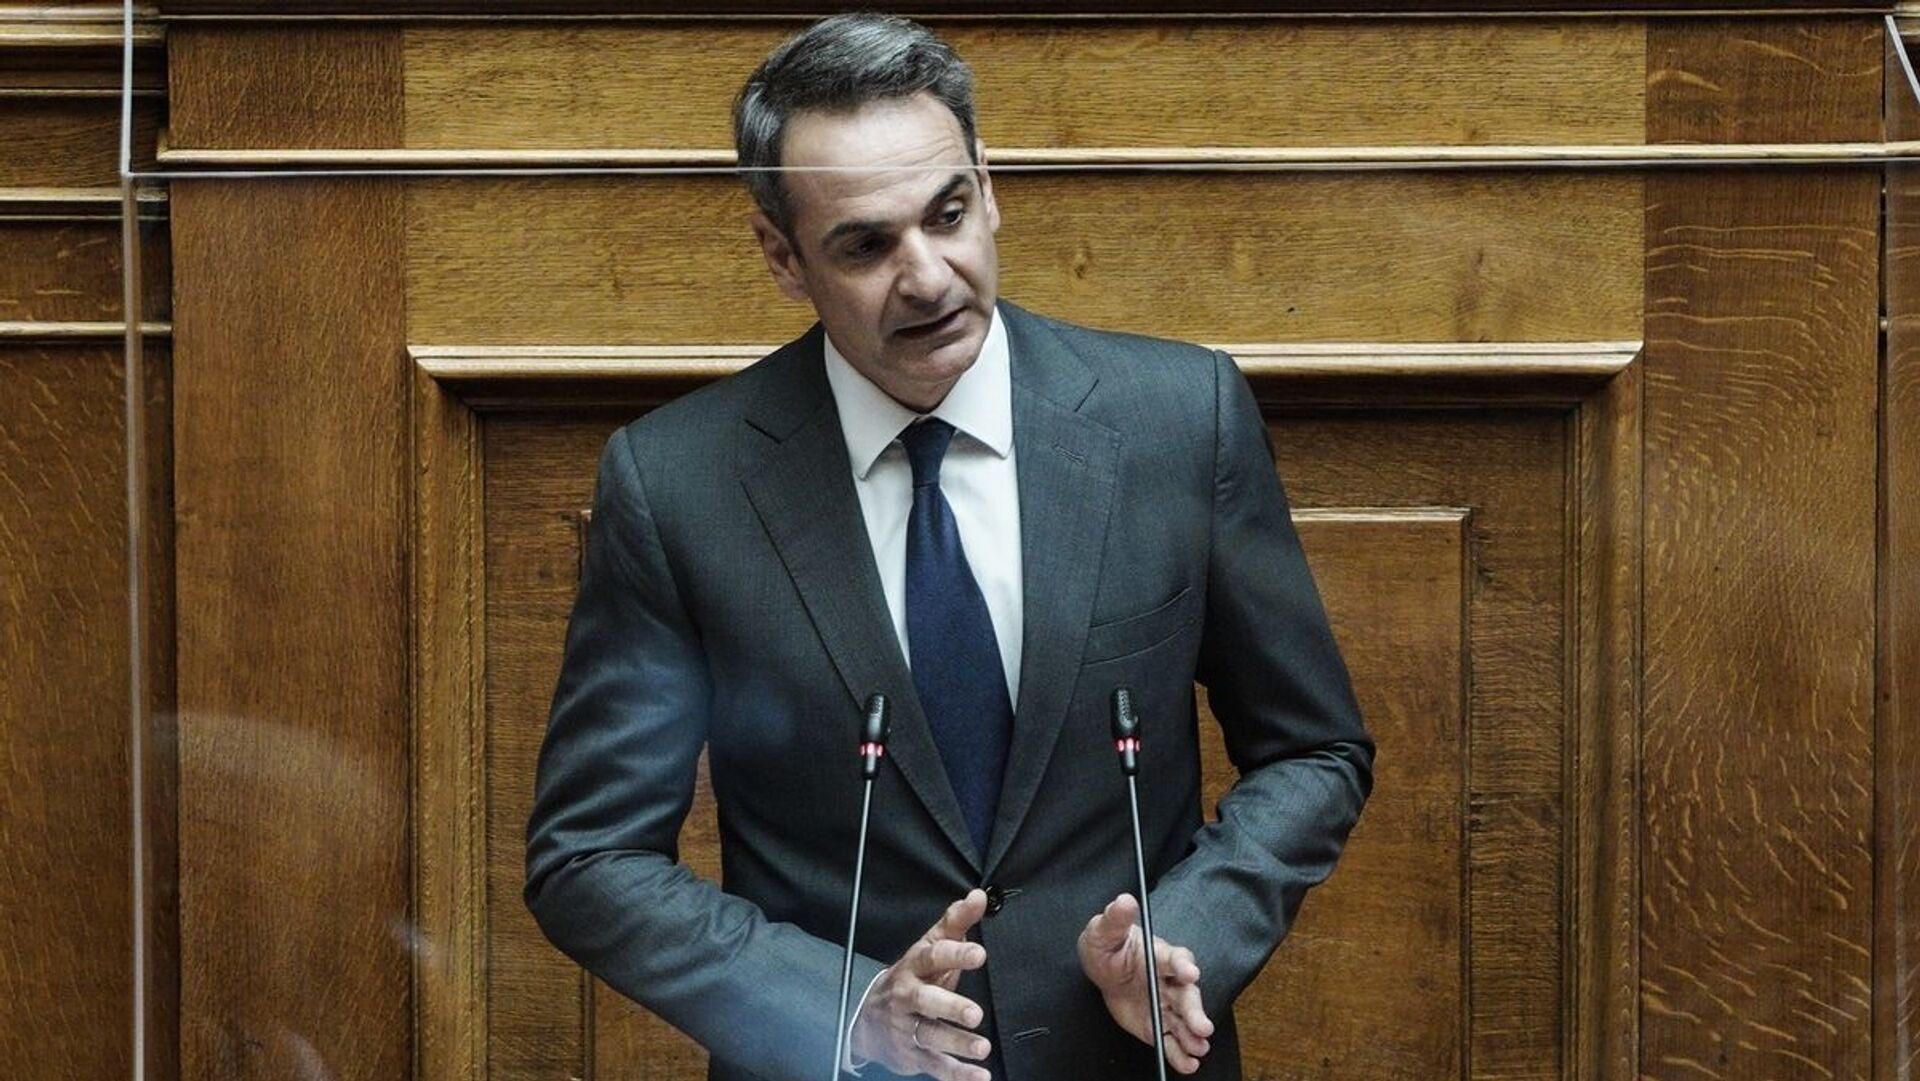 O Κυριάκος Μητσοτάκης στη Βουλή - Sputnik Ελλάδα, 1920, 07.10.2021